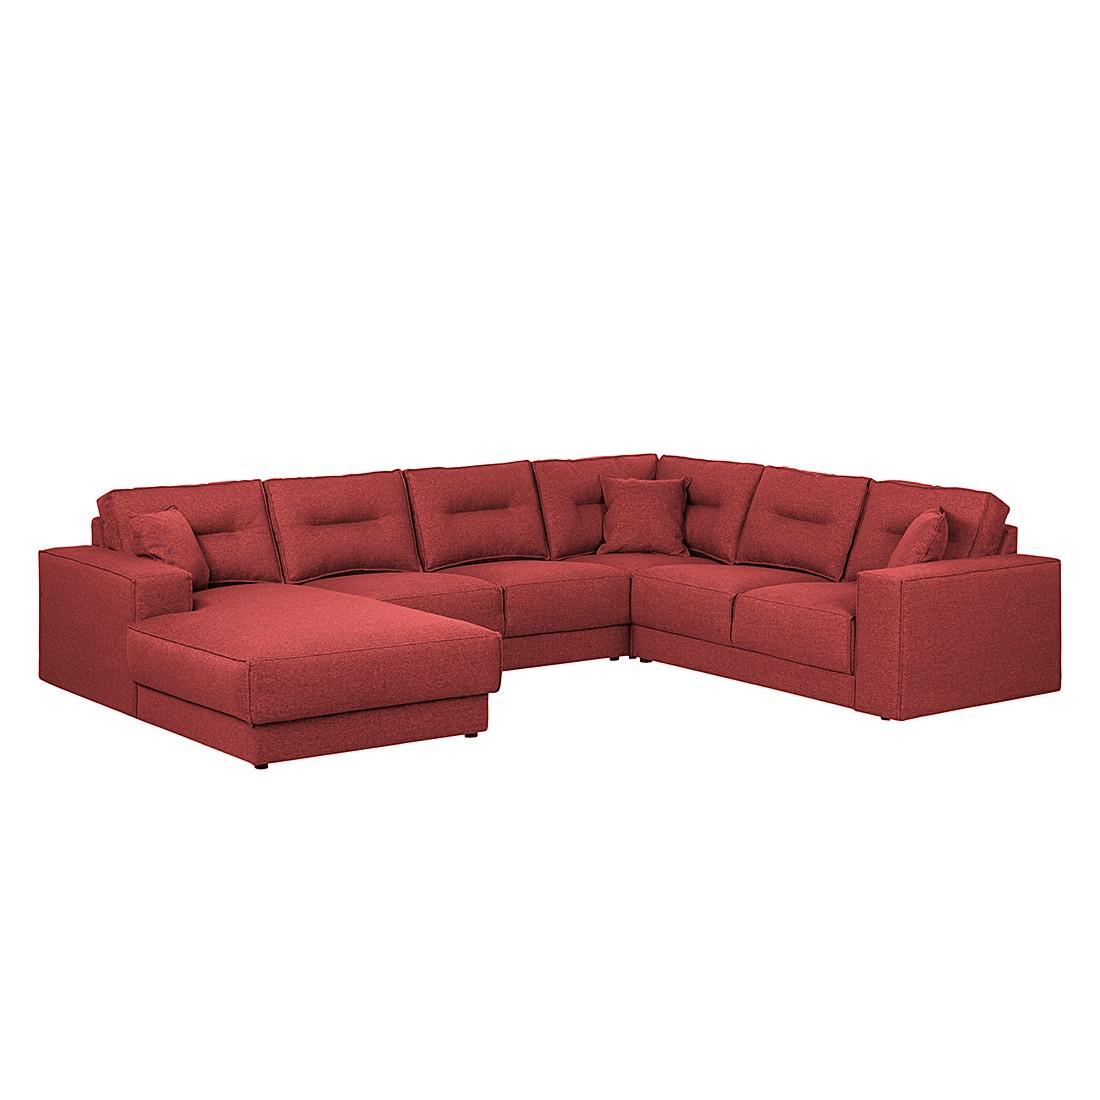 Wohnlandschaft Maplewood – Webstoff – Longchair davorstehend links – Rot, loftscape kaufen